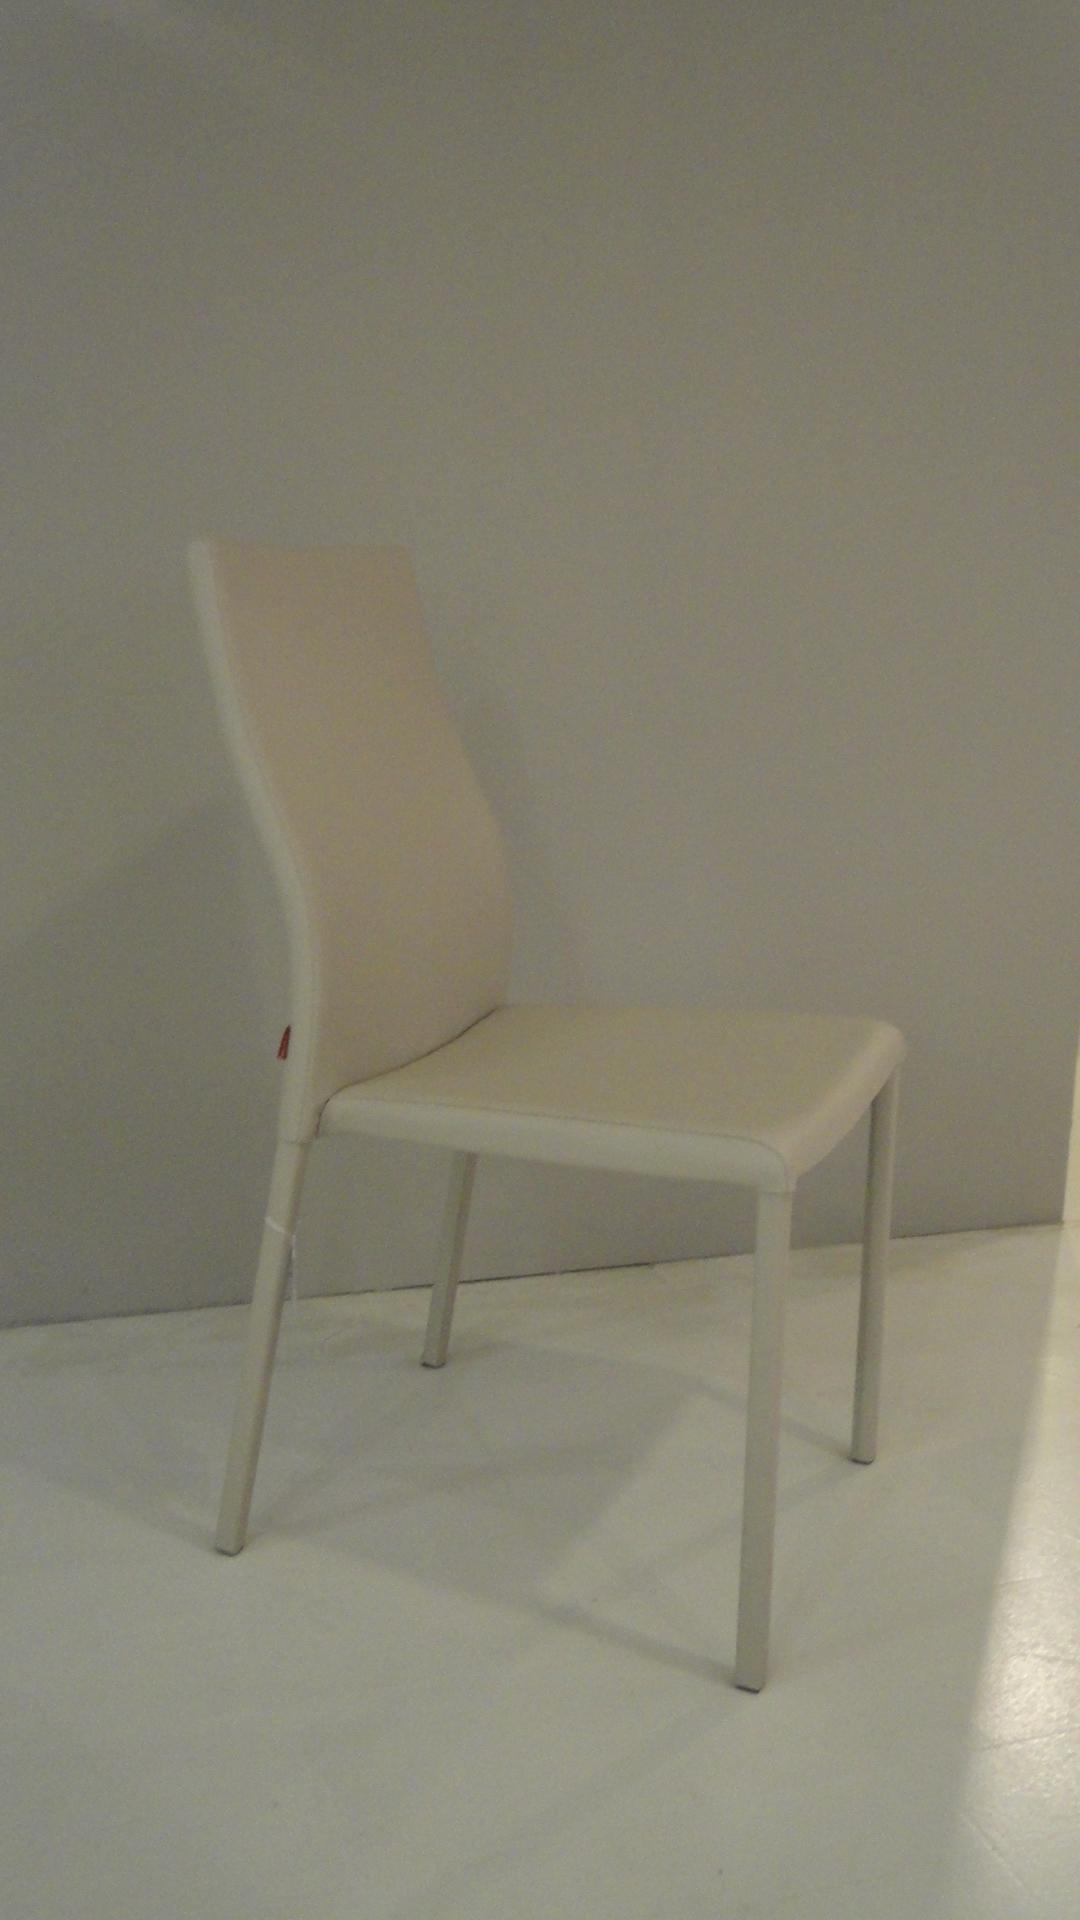 Sedie modello aura scontate del 50 sedie a prezzi scontati for Sedie scontate